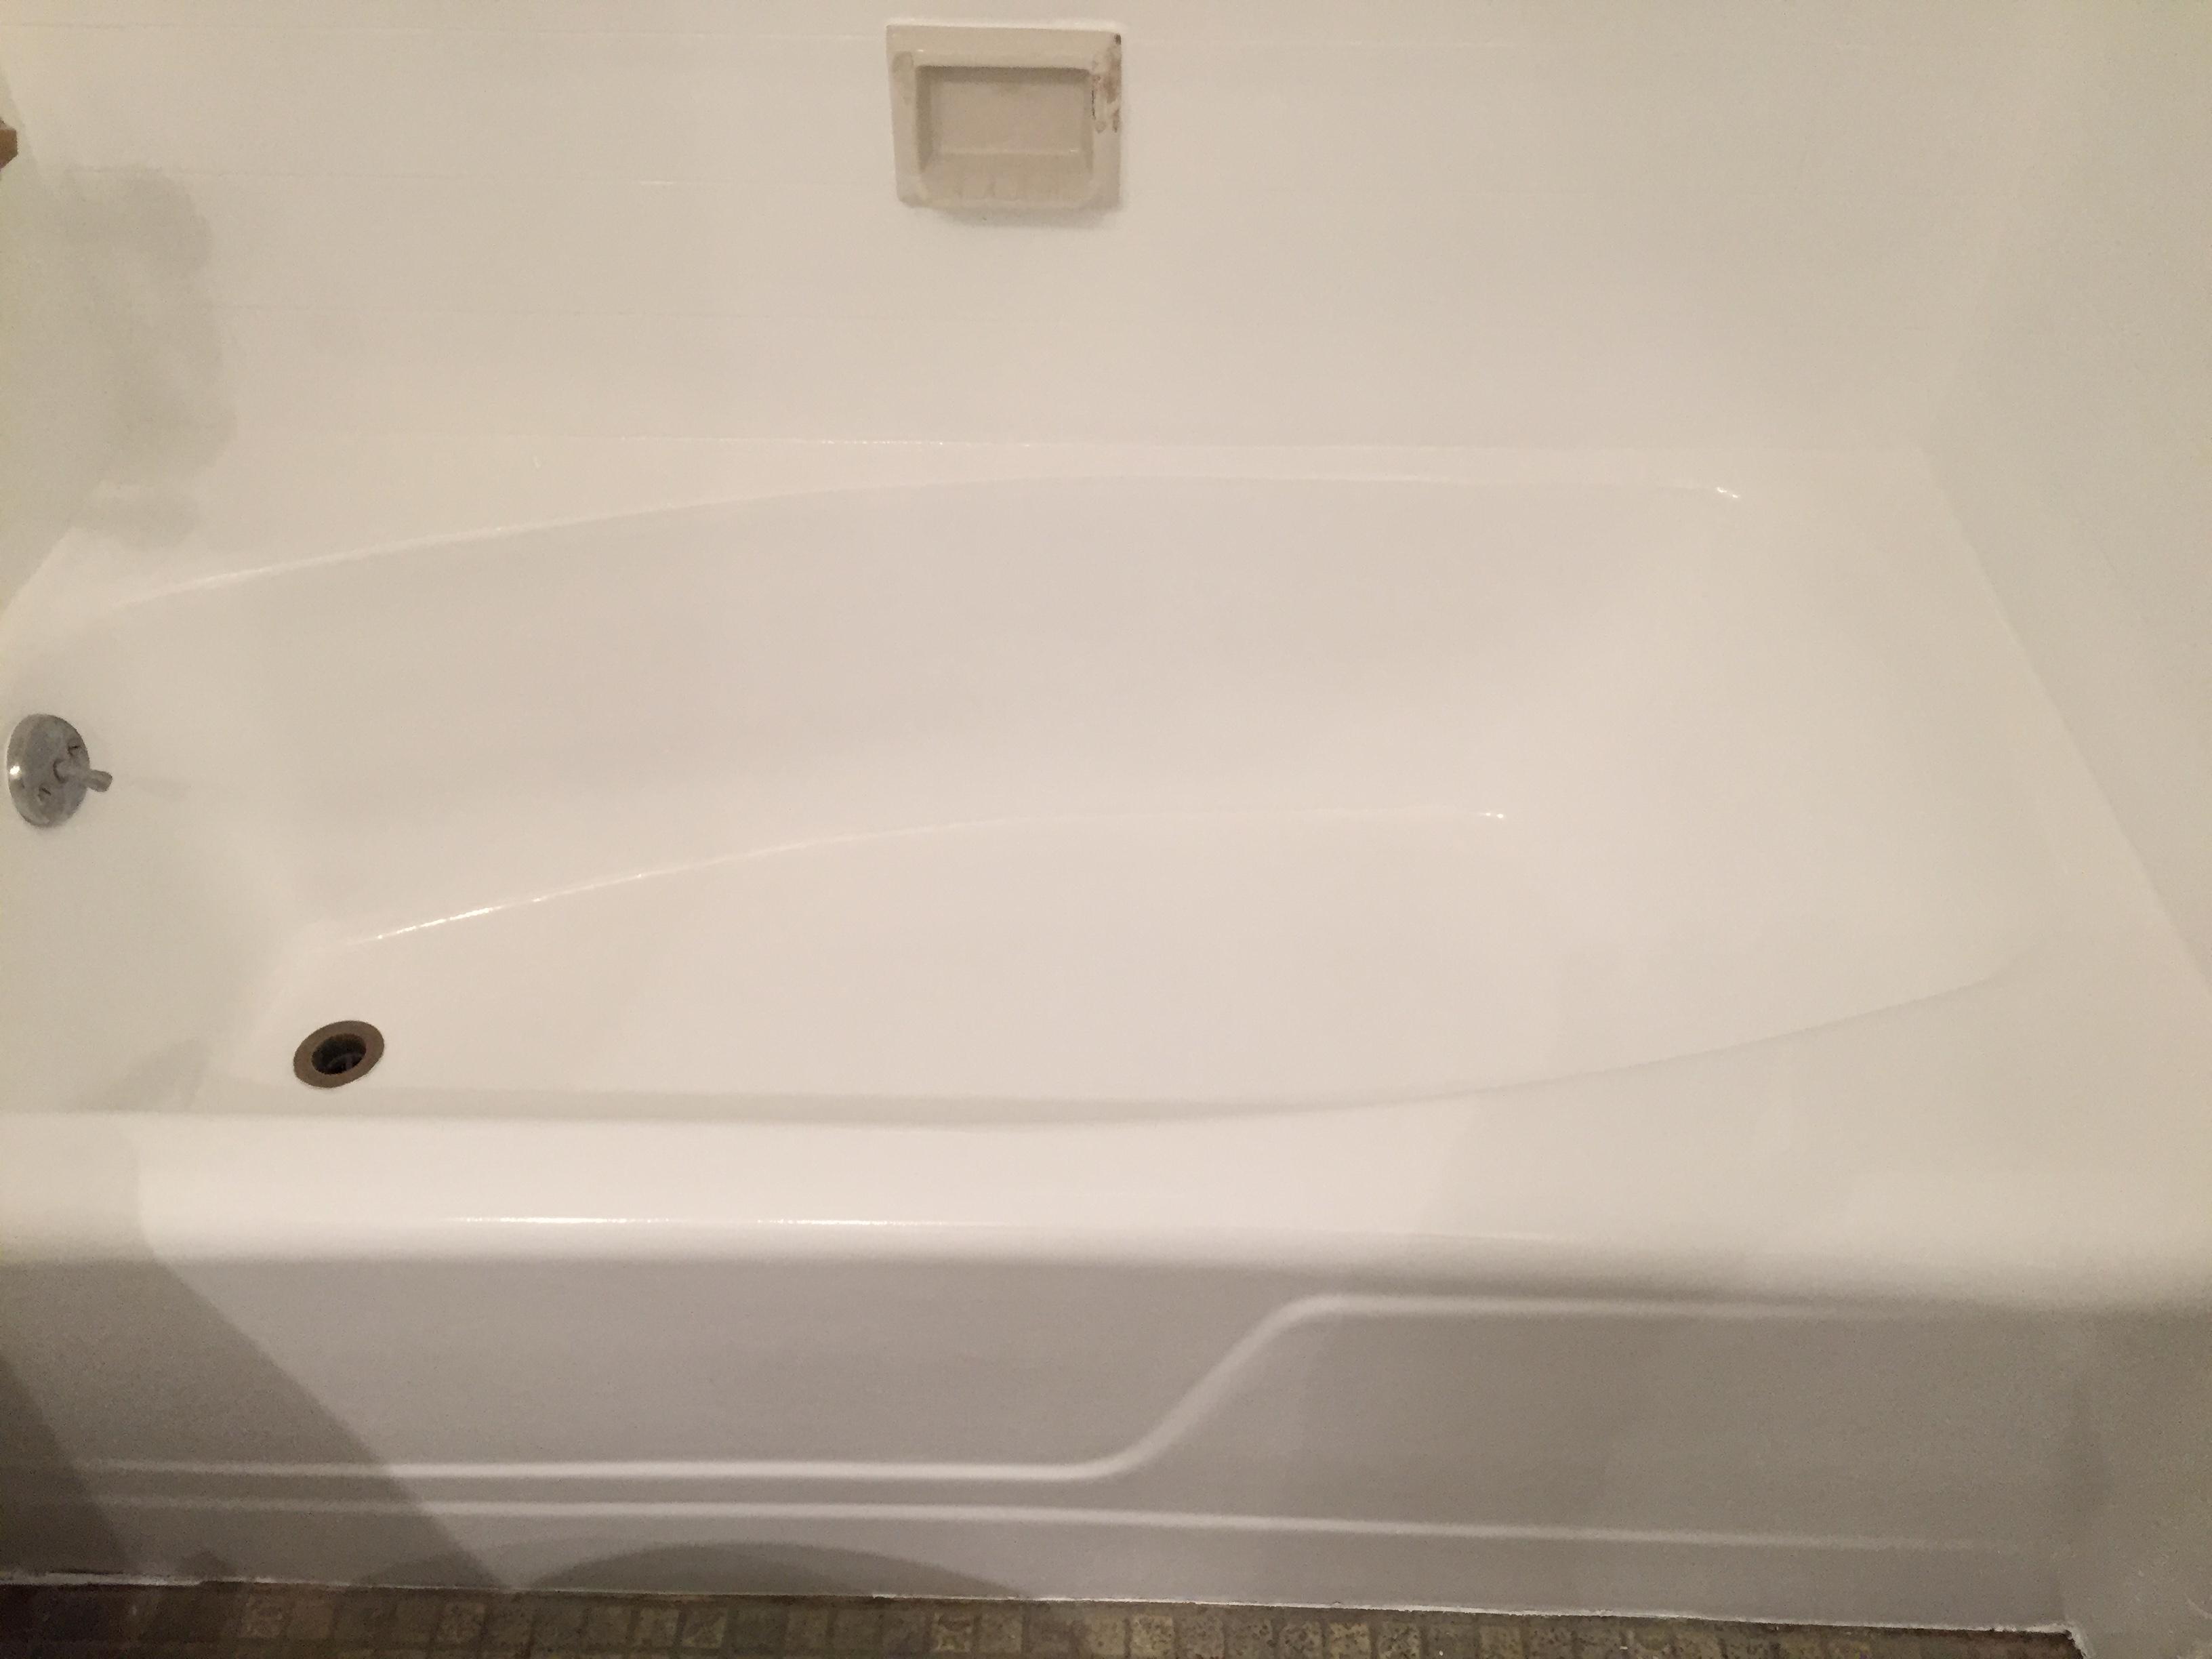 Tub & Tile 2